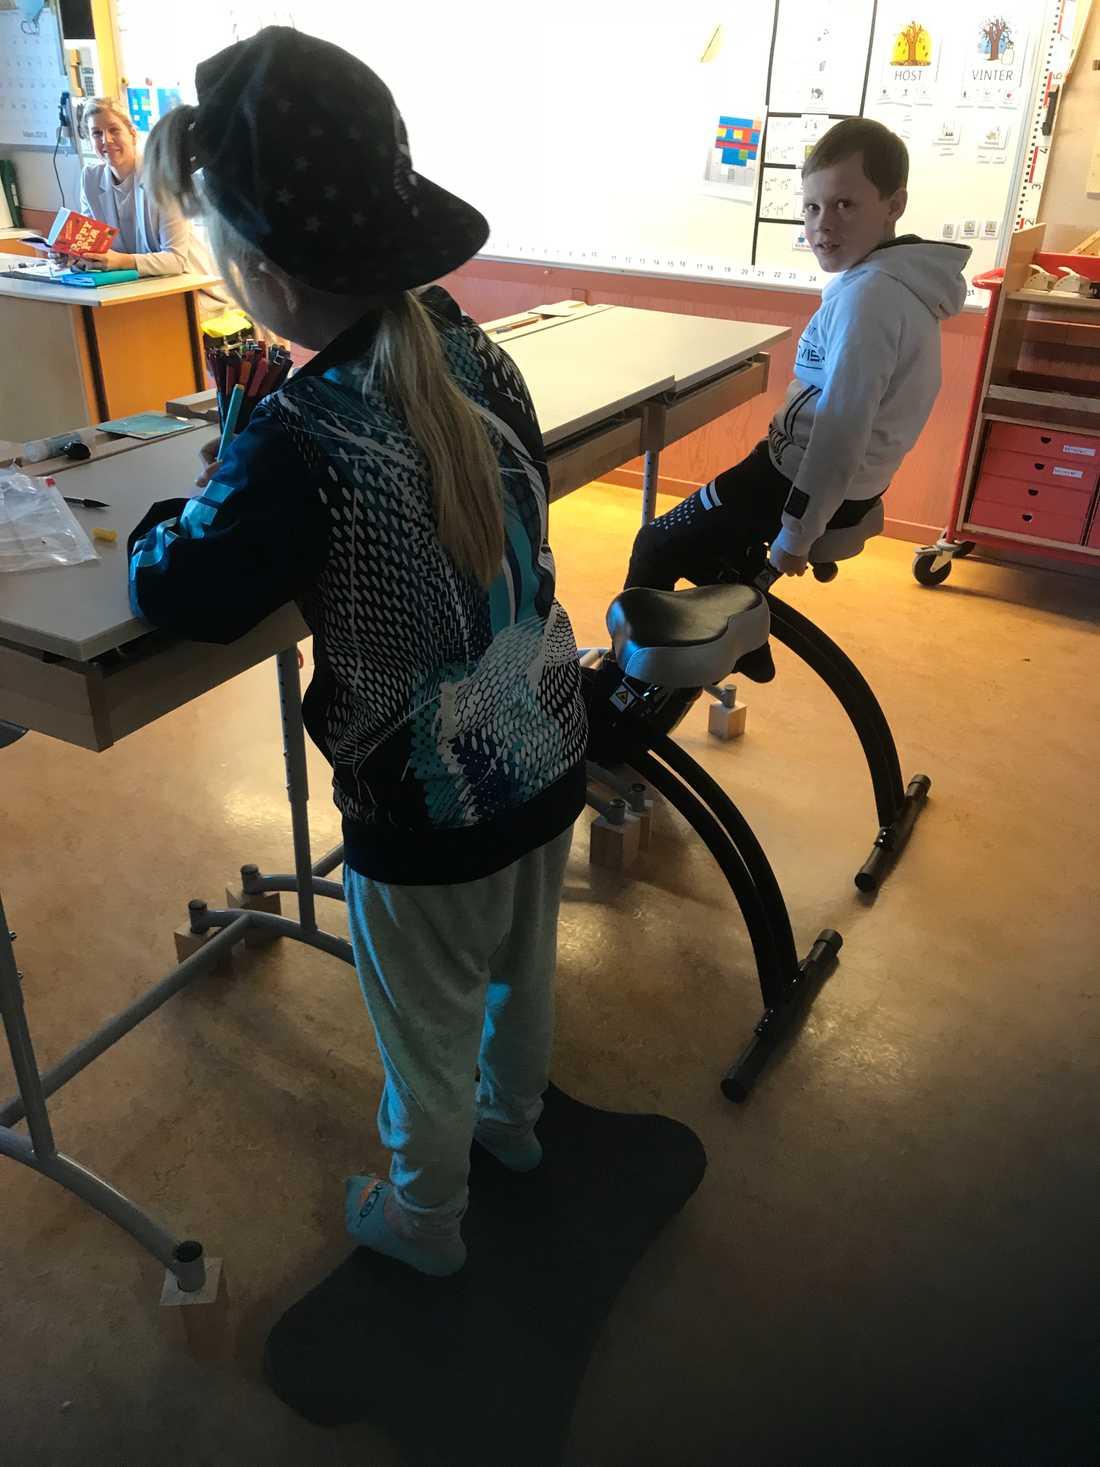 Skolan har även köpt in en balansplatta och en stol som är som en stabilare pilatesboll.